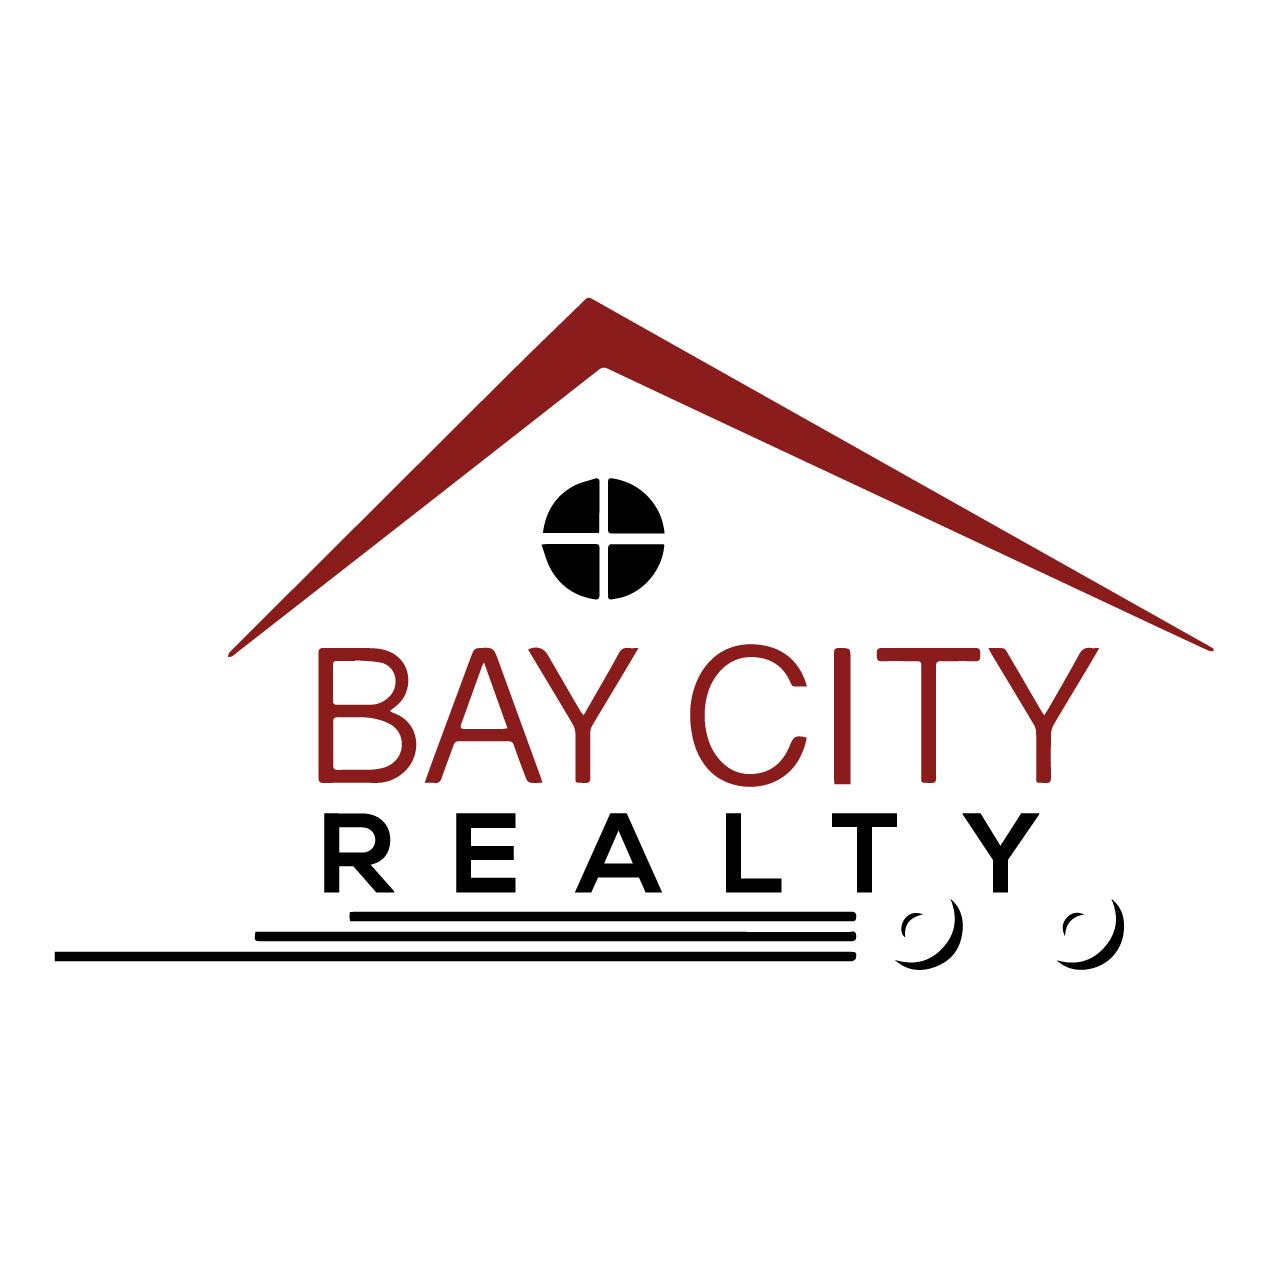 Bay City Realty